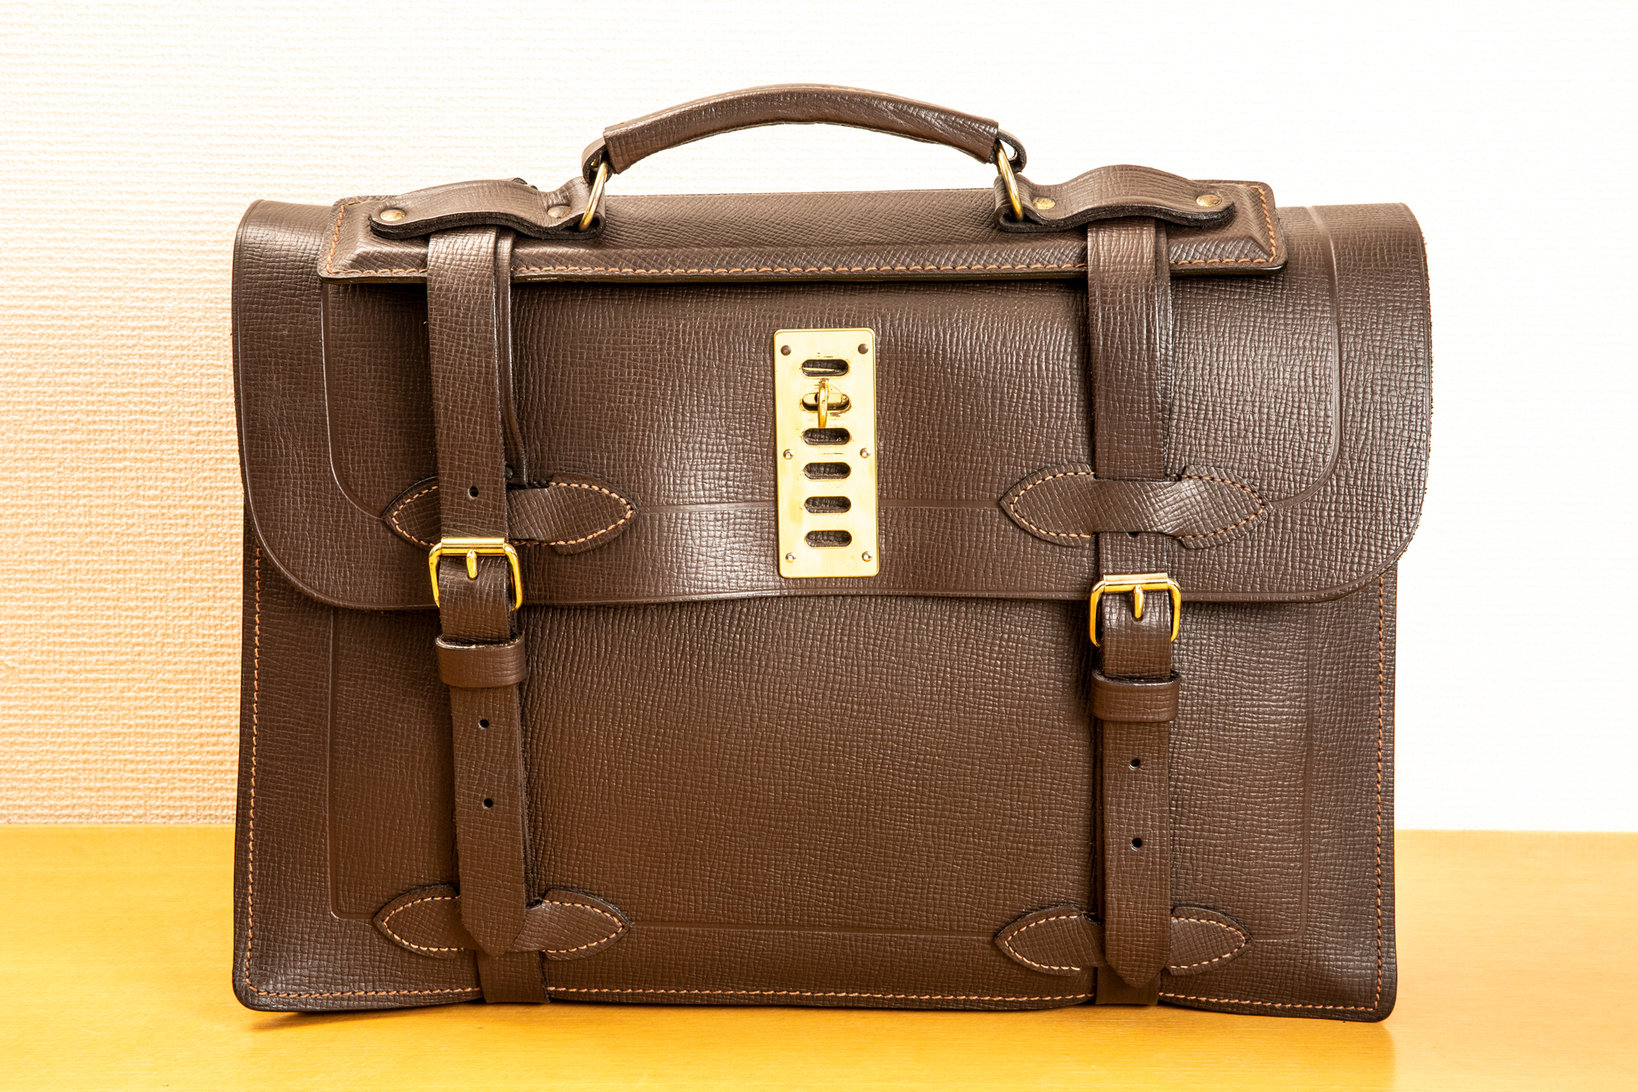 飯野さん所有のレザースペシャルティというブランドの鞄。空軍の輸送機の航空士が使っていた。山口幸一さんがデザインしていた頃のラゲッジレーベルの鞄には、これと同じ錠前が付いたものもあった。